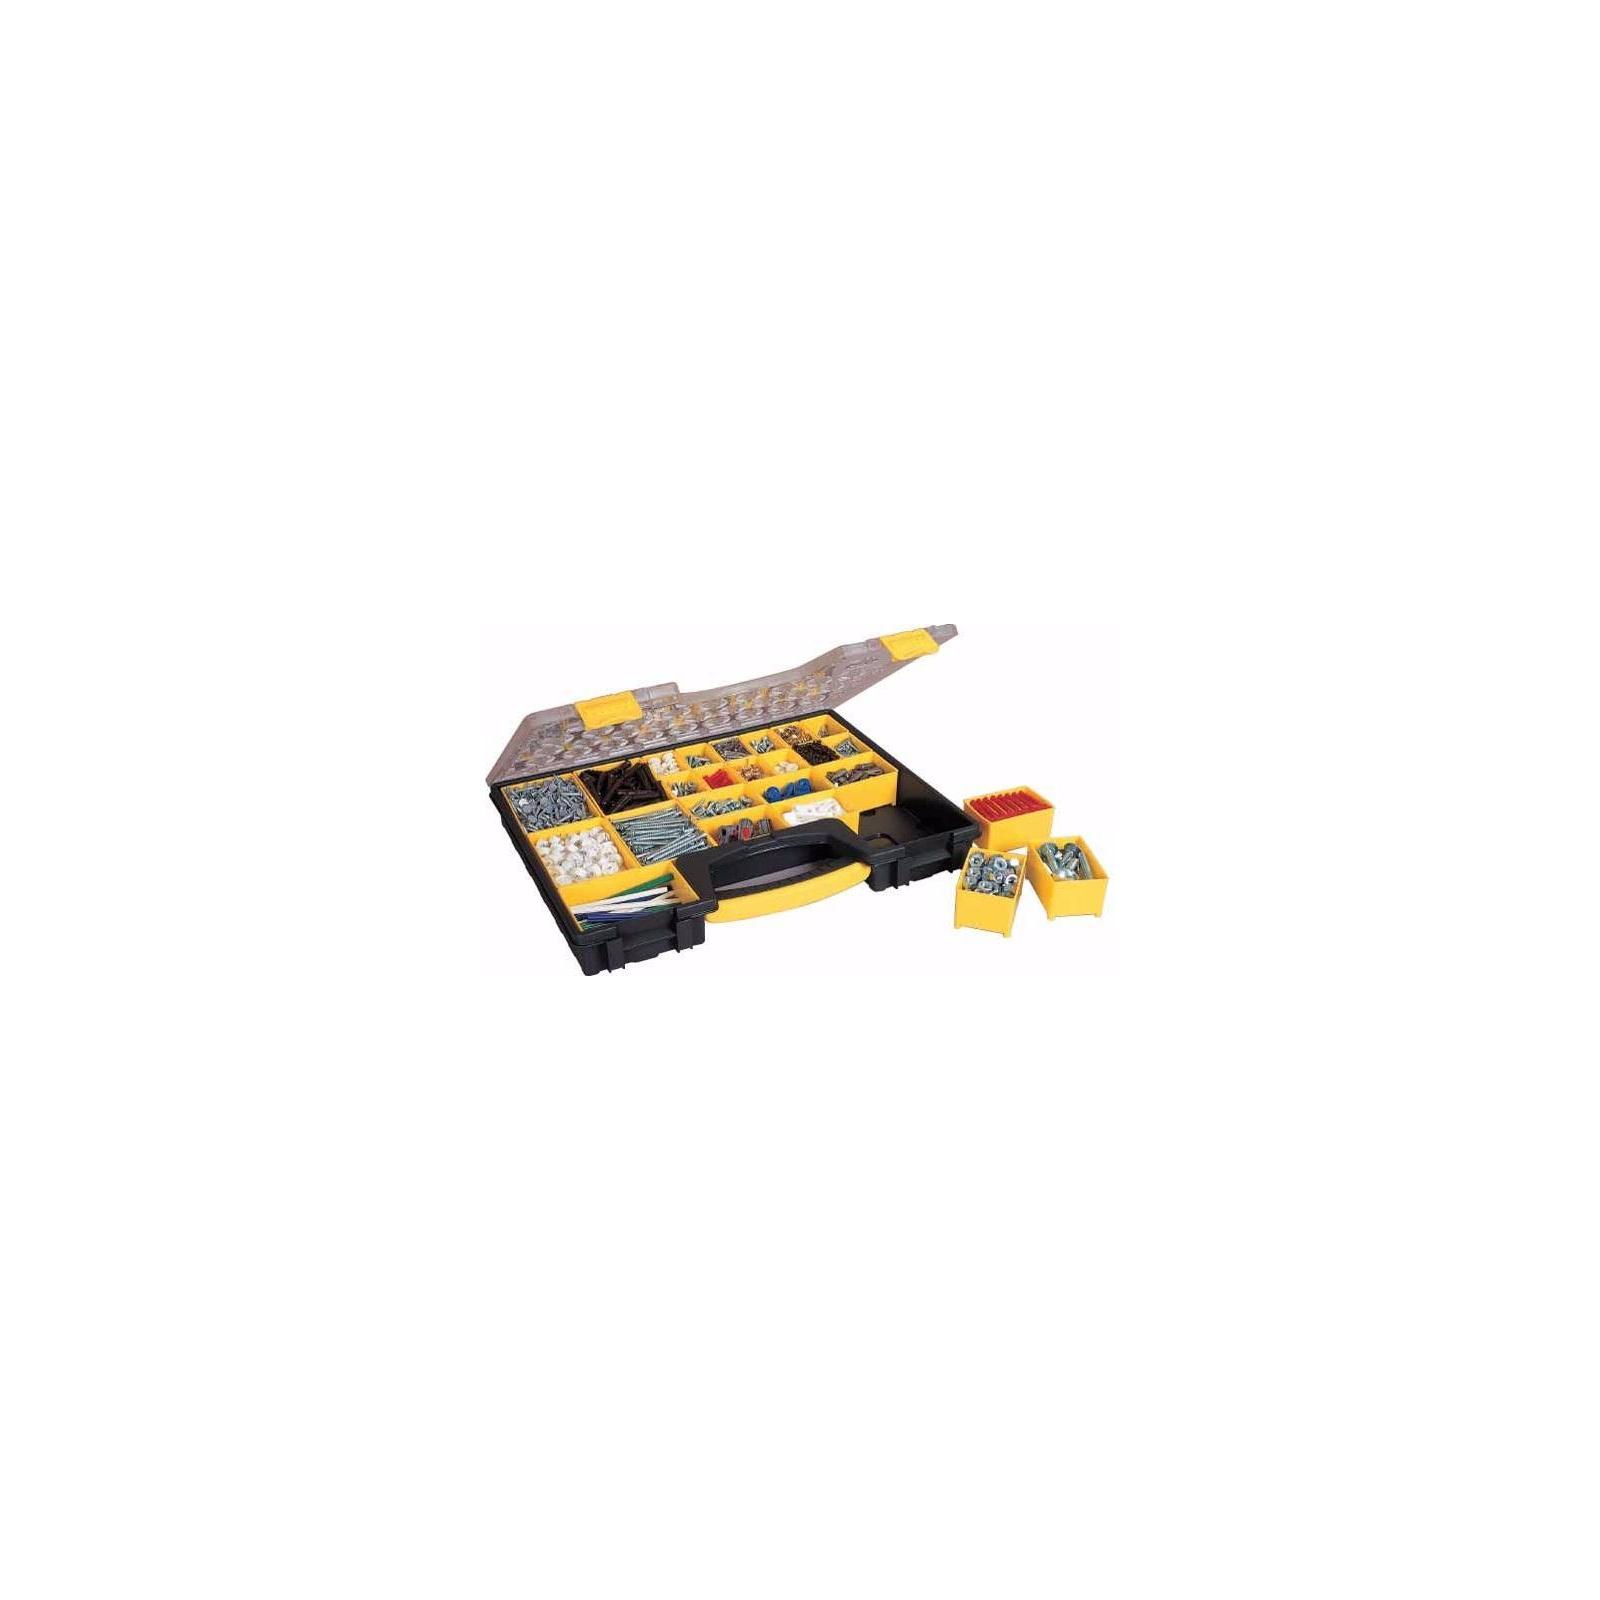 Ящик для инструментов Stanley органайзер профессиональный (422х52х334 мм) (1-92-748) изображение 5